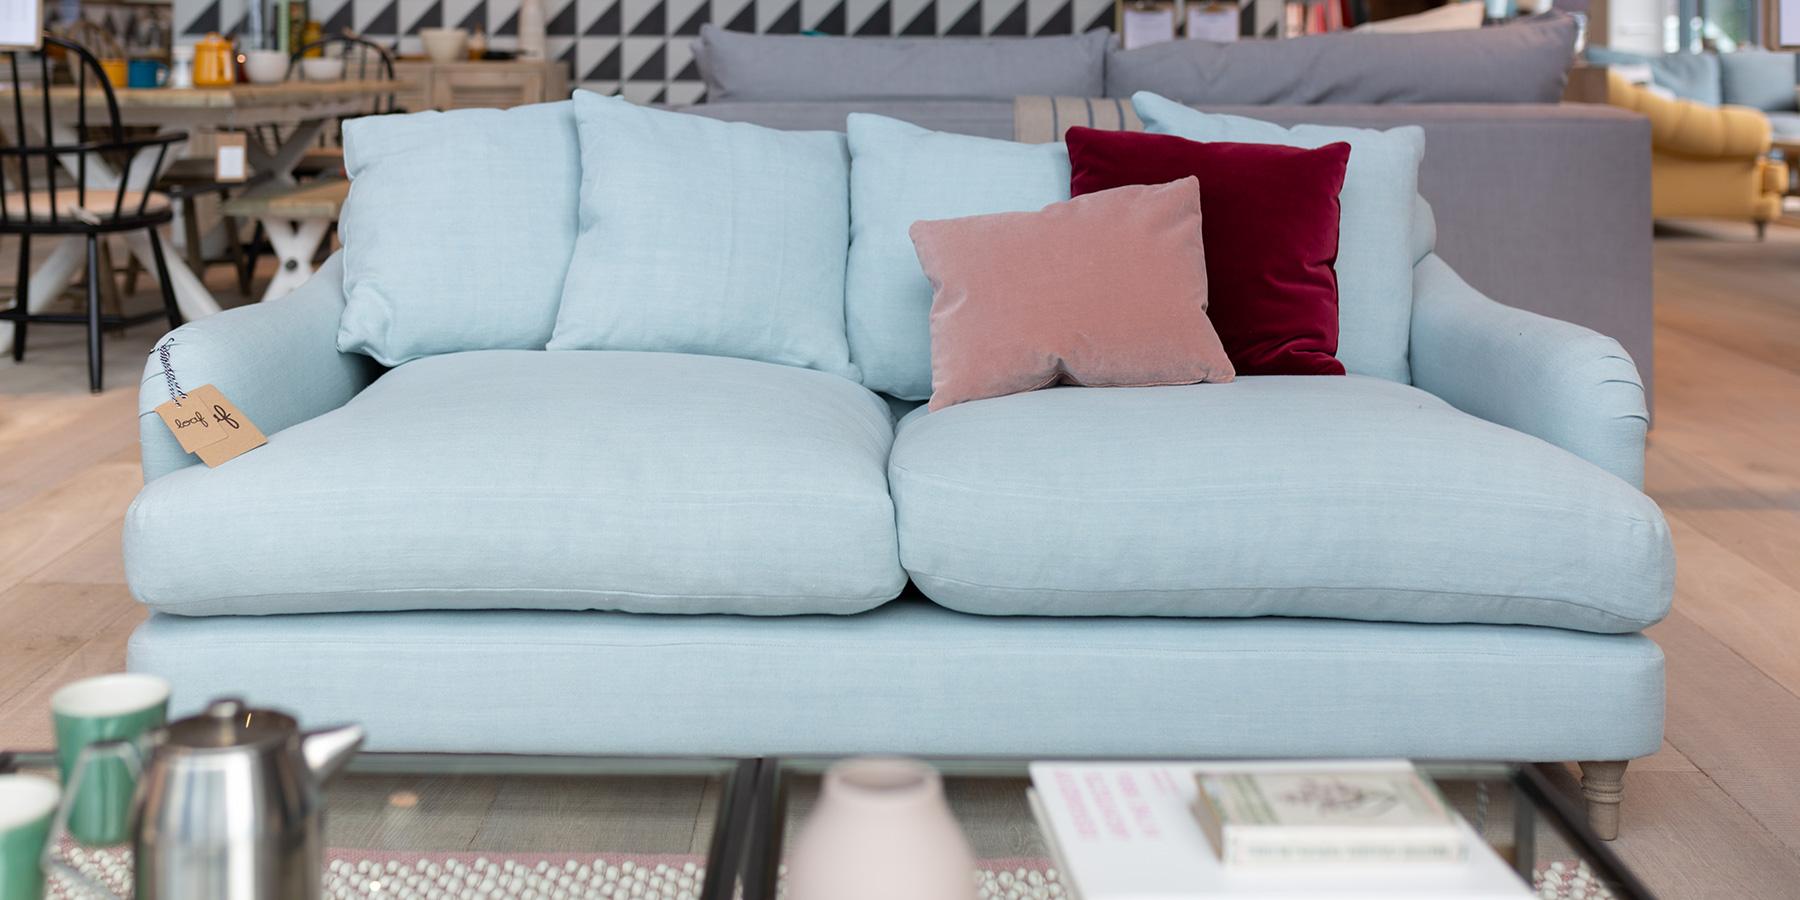 Pleasing Bristol Loaf Shack Cribbs Causeway Furniture Showroom Loaf Forskolin Free Trial Chair Design Images Forskolin Free Trialorg